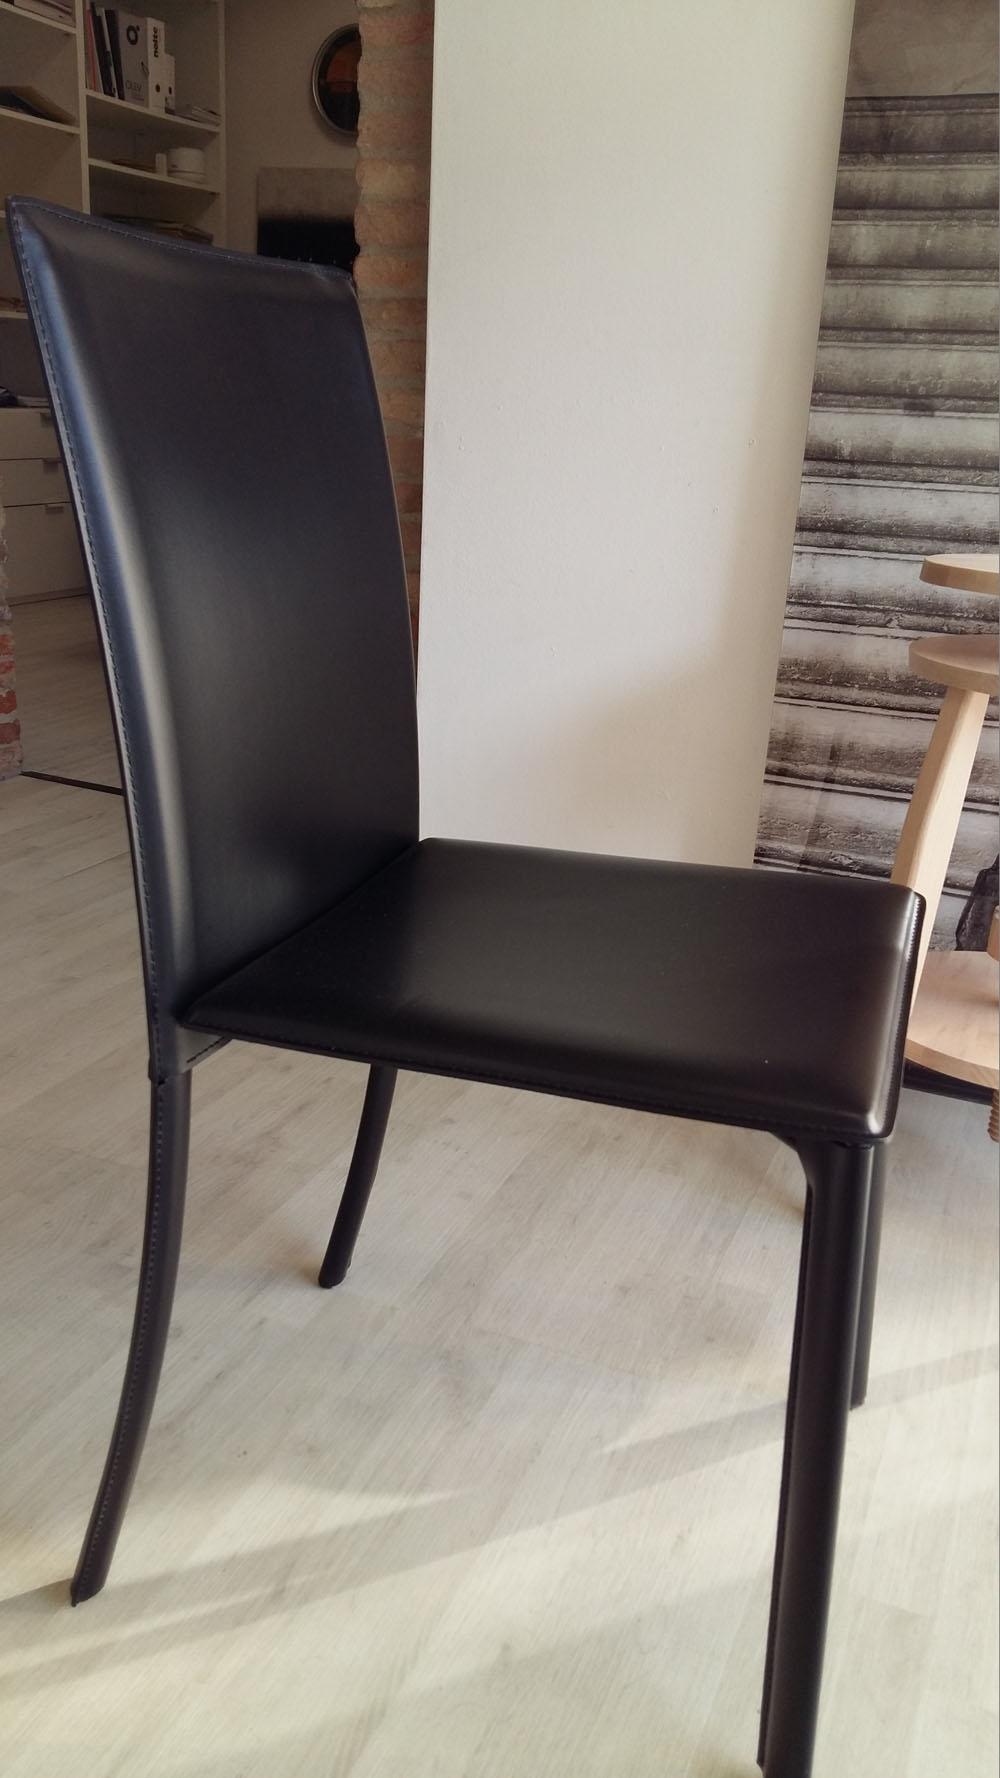 Sedia cuoio aster cucine scontata del 66 sedie a prezzi for Sedie cuoio prezzi